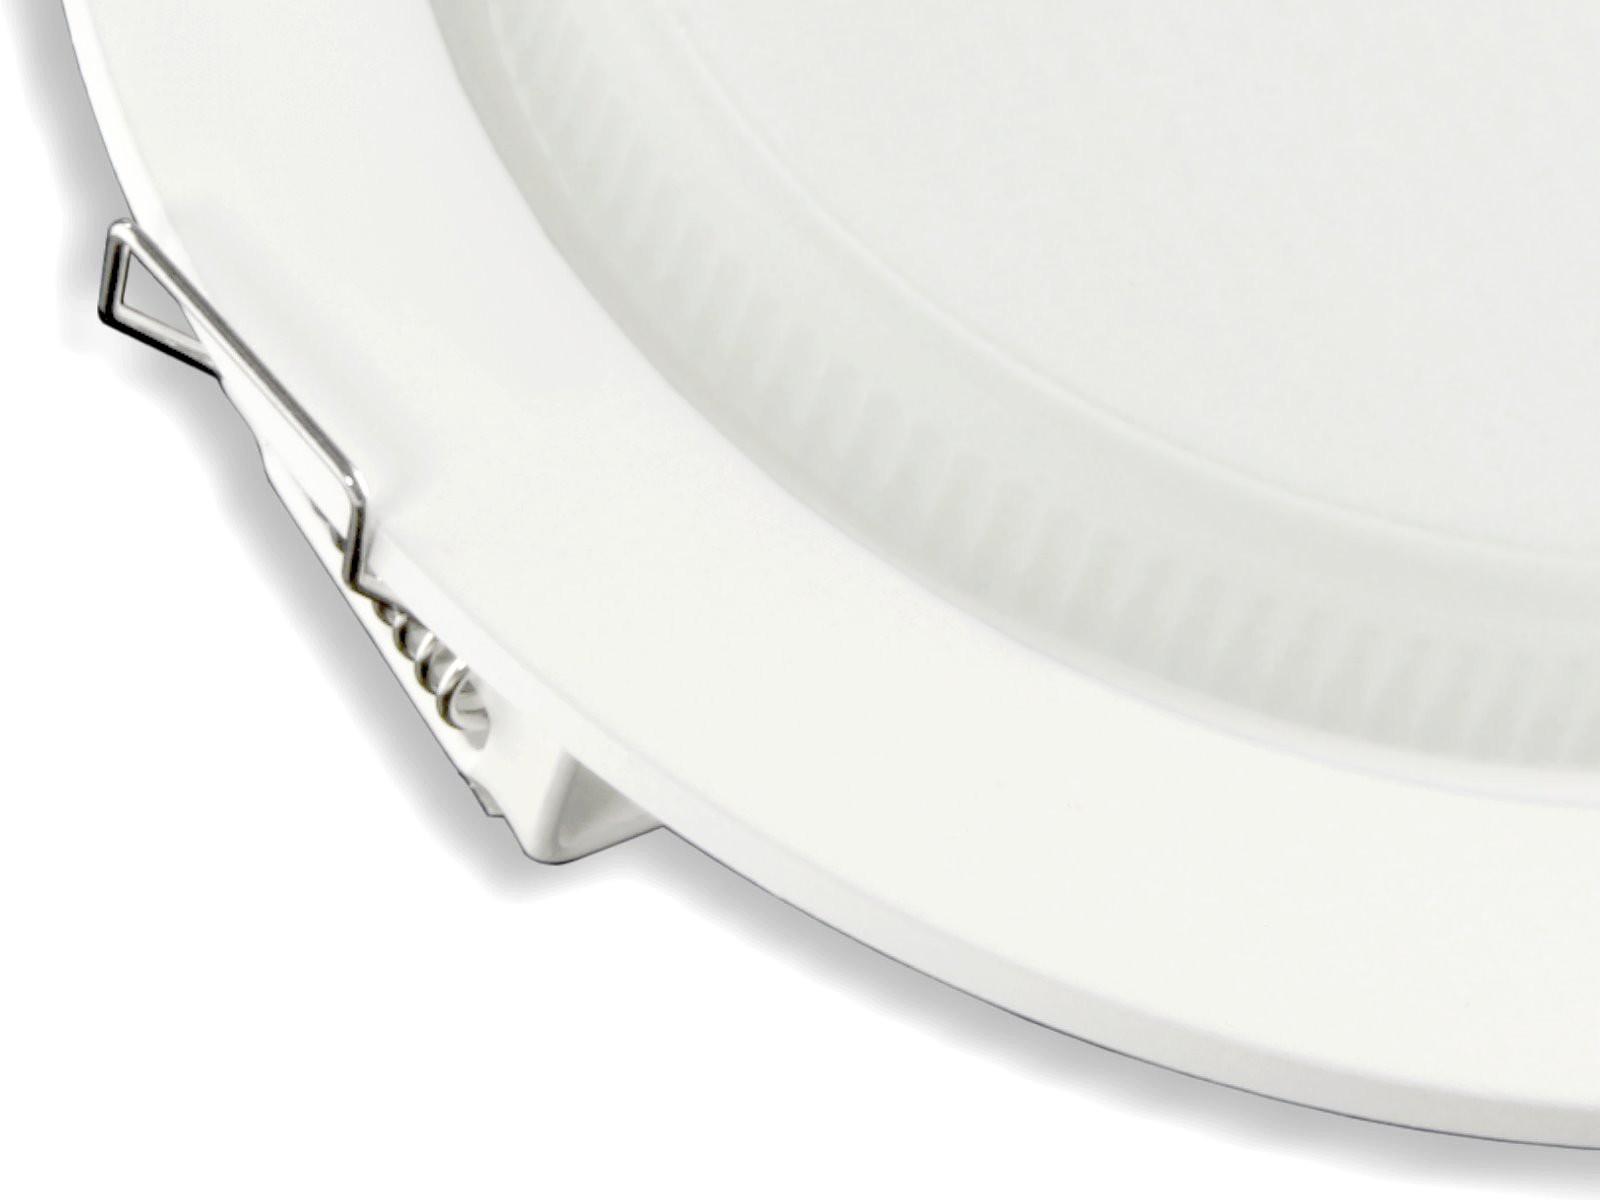 RX-3-GX53-Matt-WeissMatt-Decke1-1600x1200- Erstaunlich Led Einbaustrahler 230v Flach Dekorationen